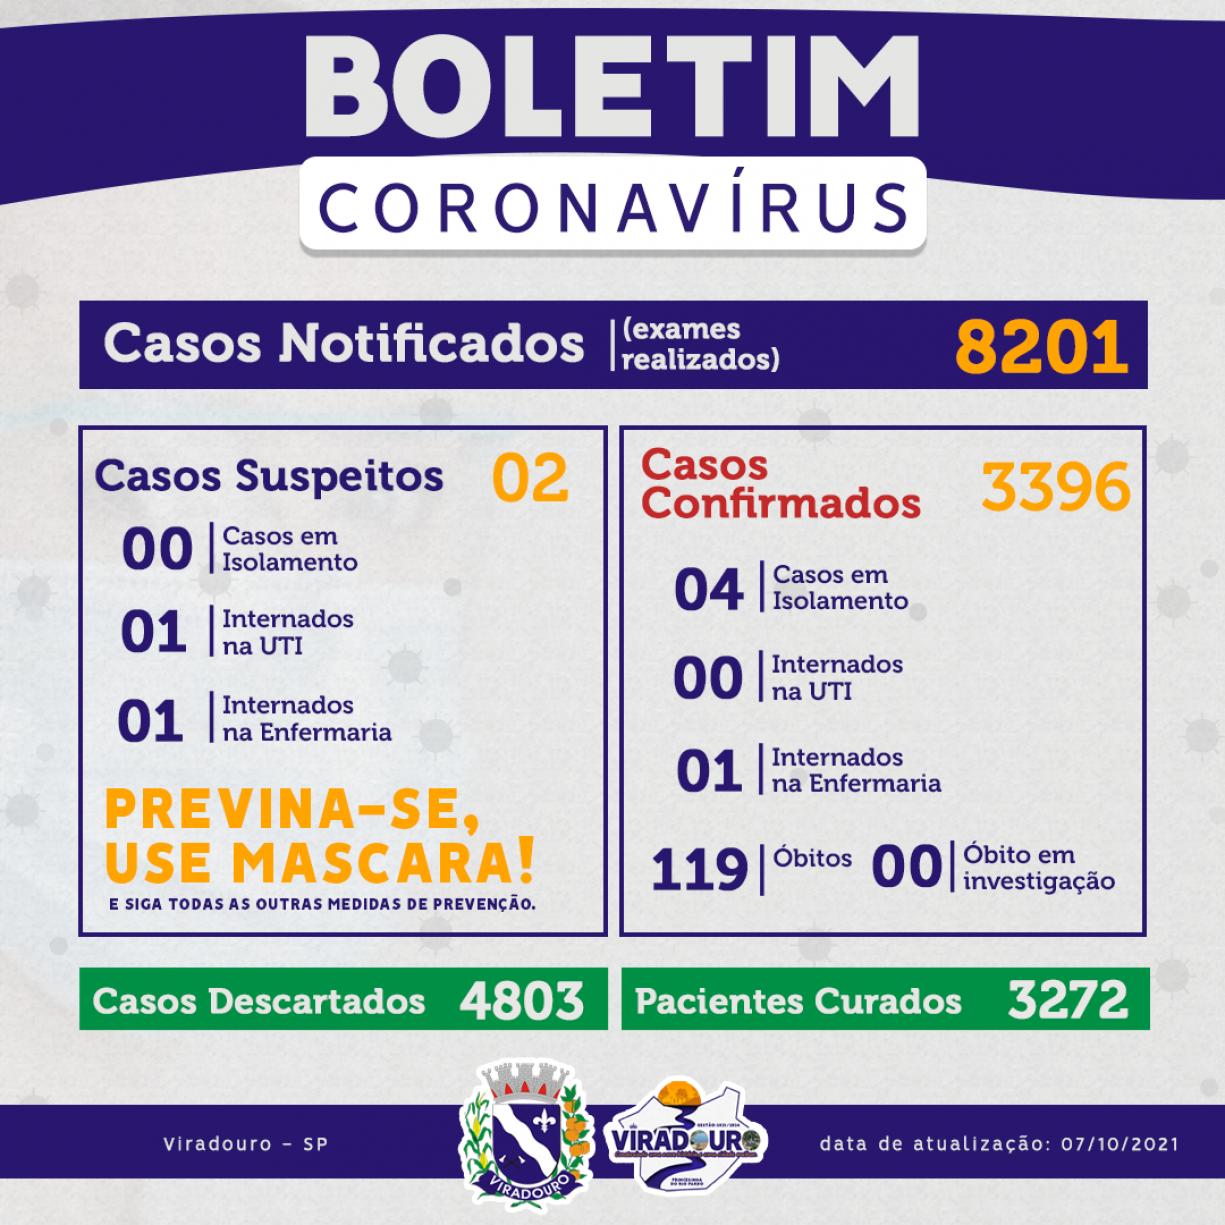 CORONAVÍRUS: BOLETIM EPIDEMIOLÓGICO (ATUALIZAÇÃO 07/10/2021)